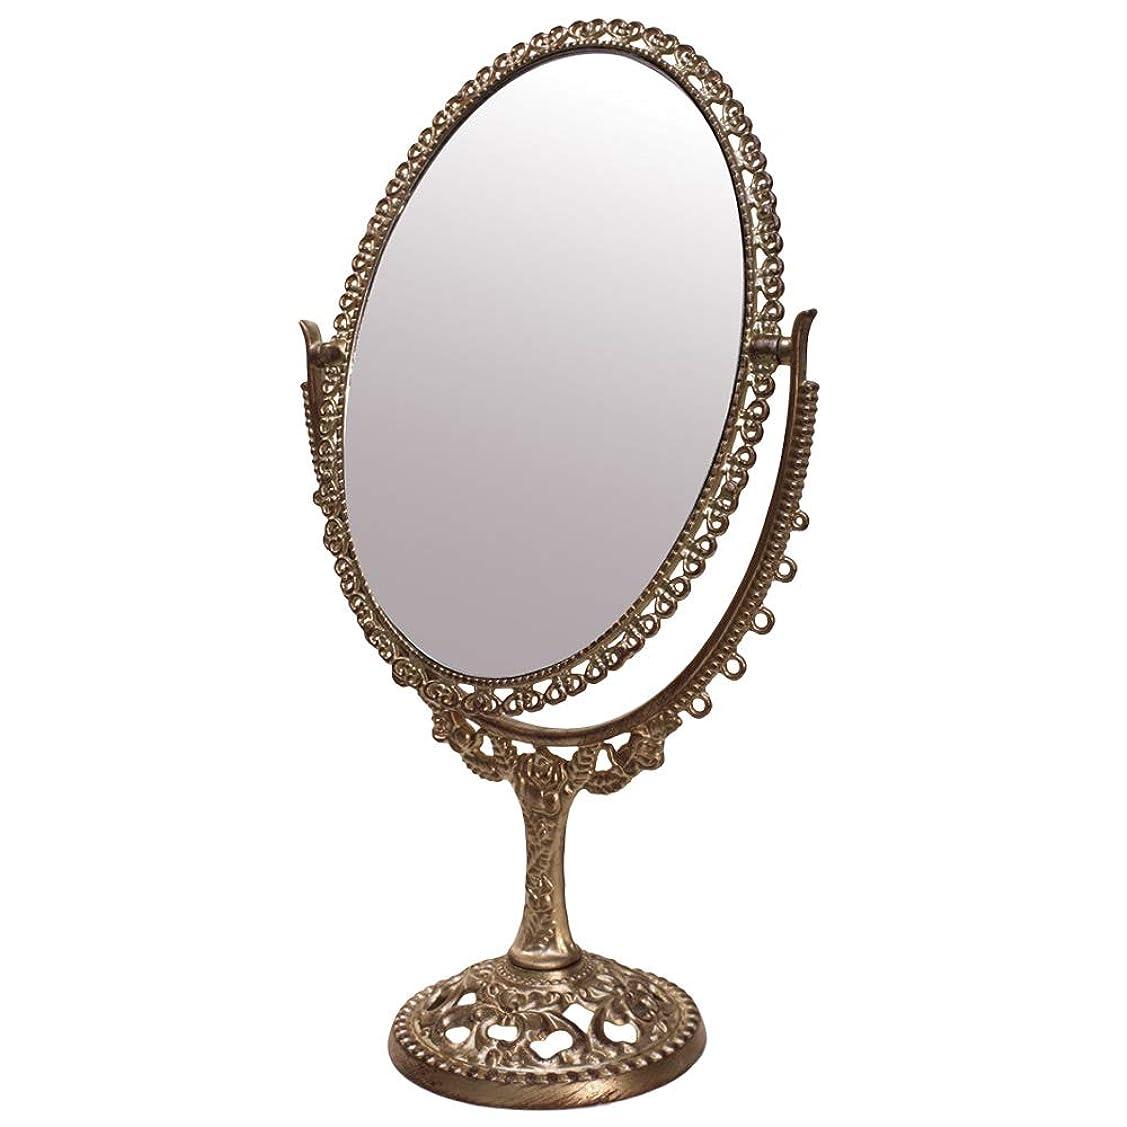 食欲囲まれた防腐剤卓上ミラー 鏡 化粧鏡 シャビーシック デコレーションミラー (卓上ミラー M-ブロンズ)